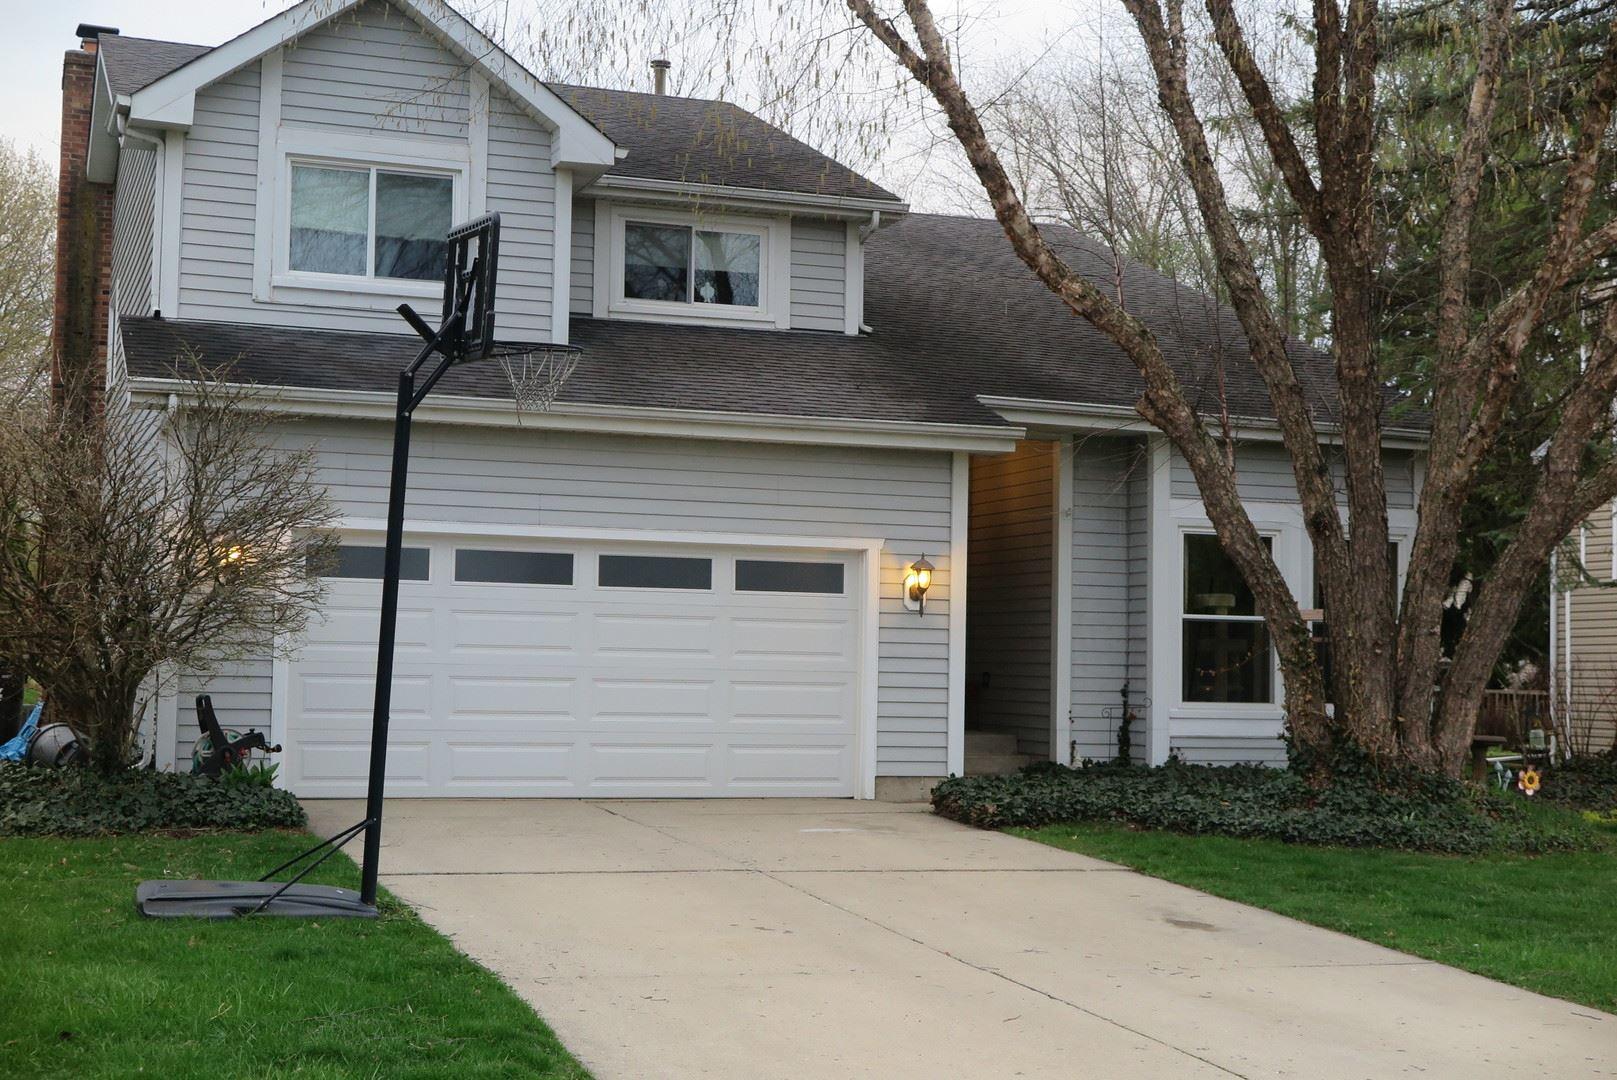 961 Ridgewood Lane, Crystal Lake, IL 60014 - #: 11054014